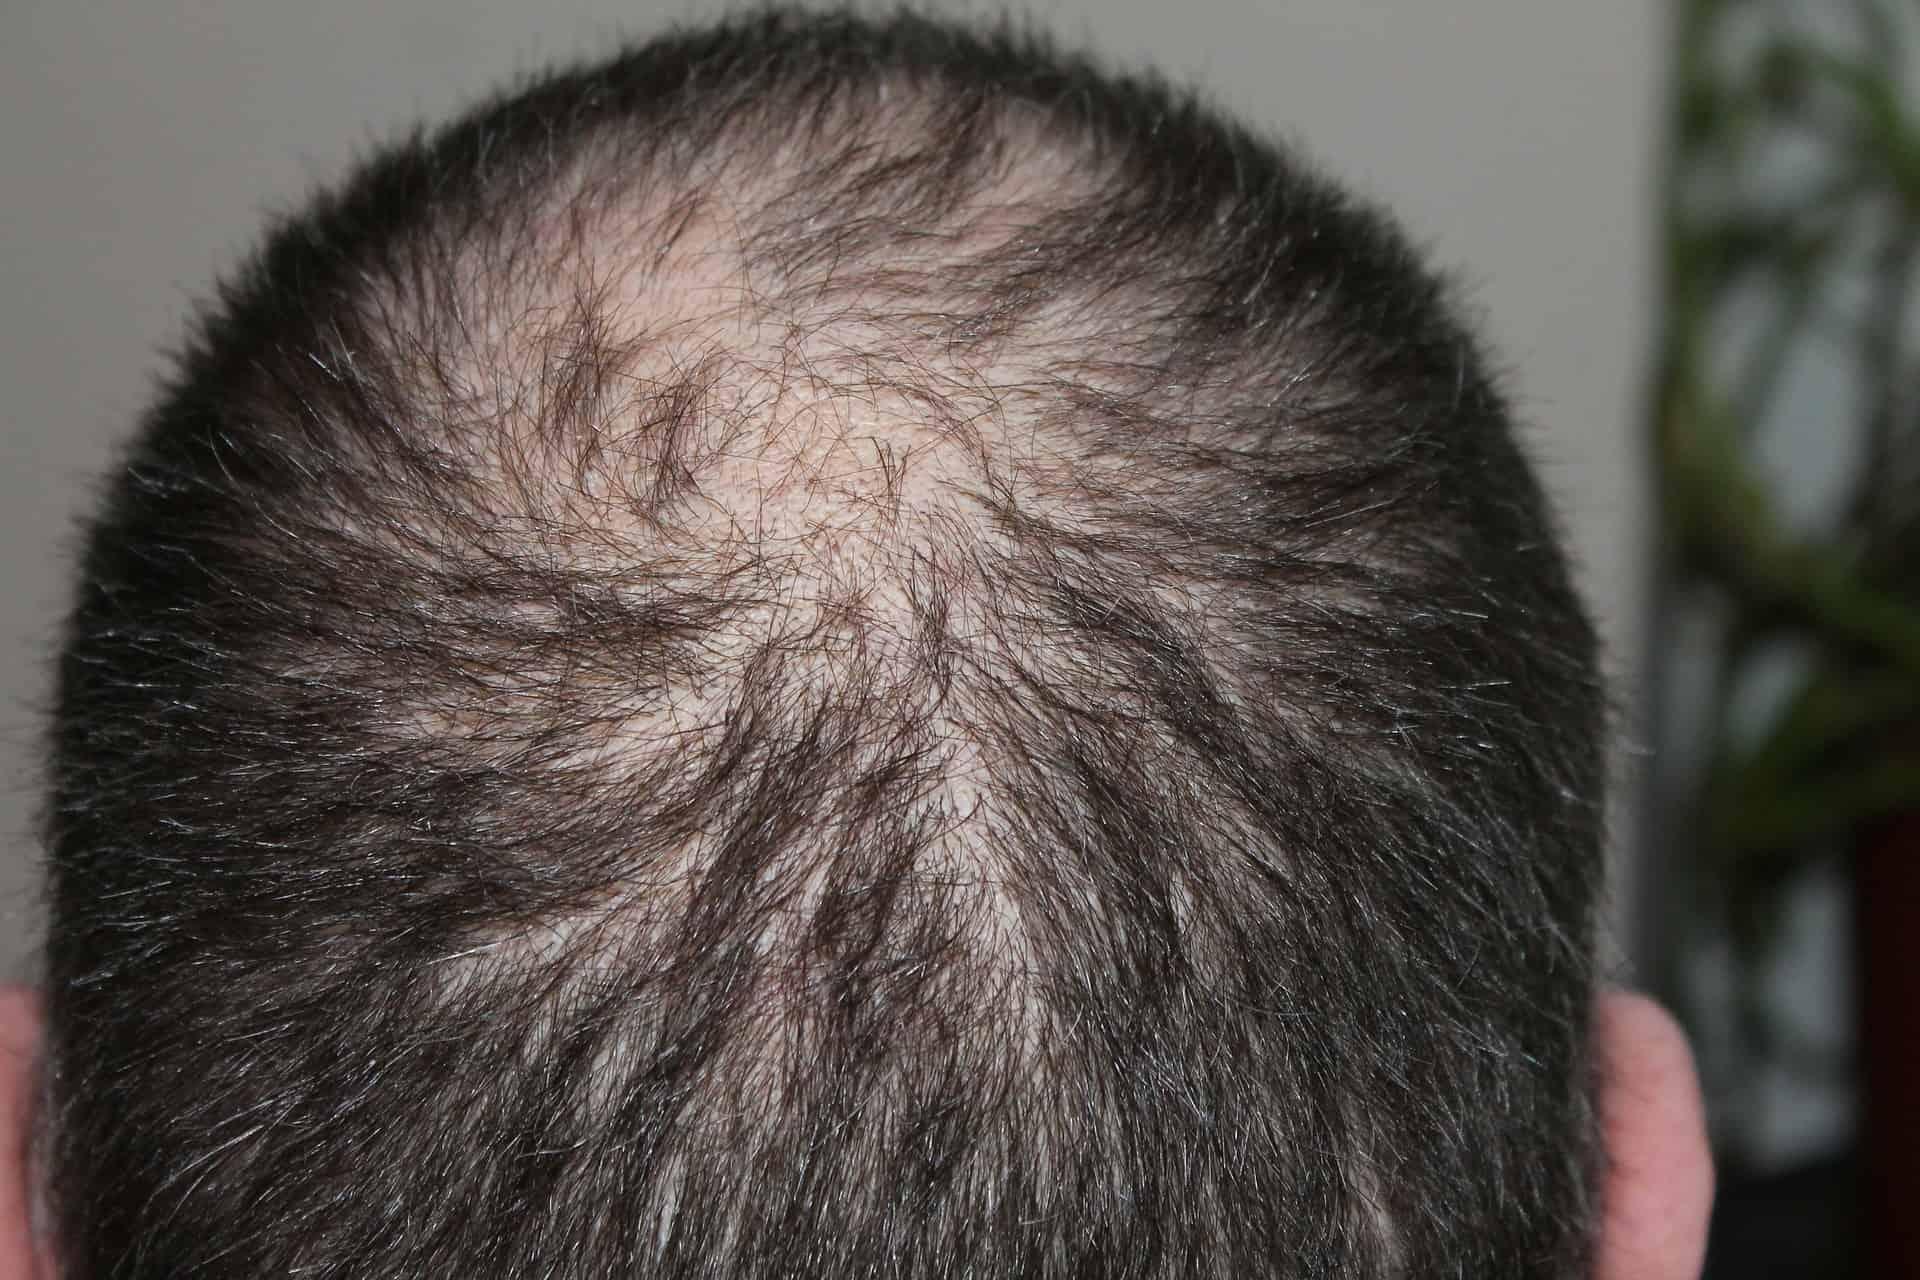 Kreisrunder Haarausfall: Ursachen und effektive Lösungen